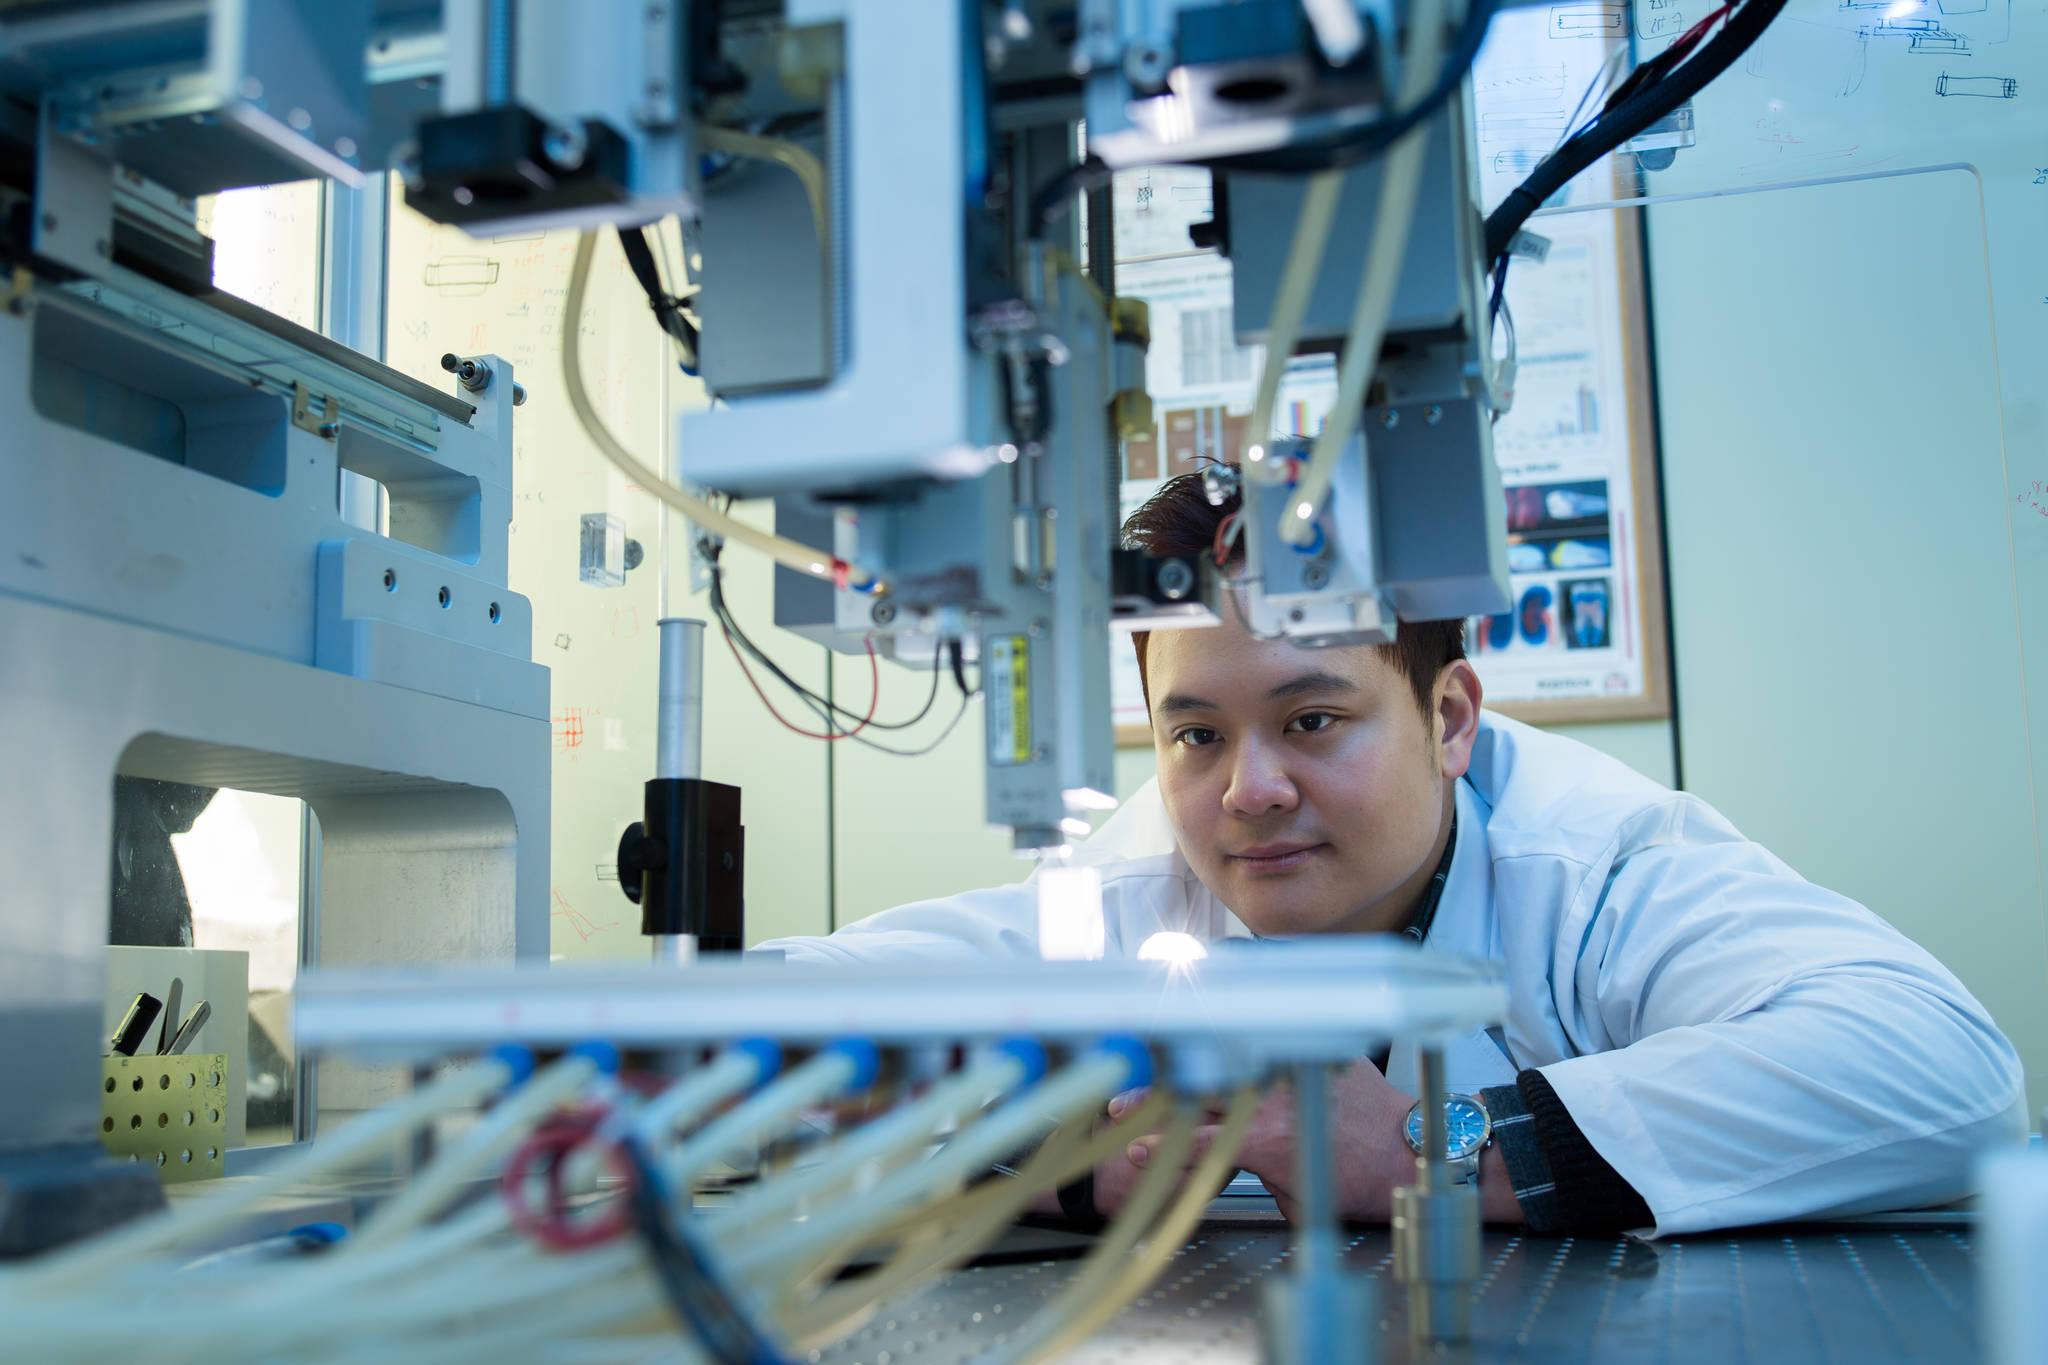 POSTECH 기계공학과 조동우 교수는 바이오잉크와 3D프린터를 이용해 인체 조직과 장기를 만들어내는 연구를 한다.[사진 포스텍]